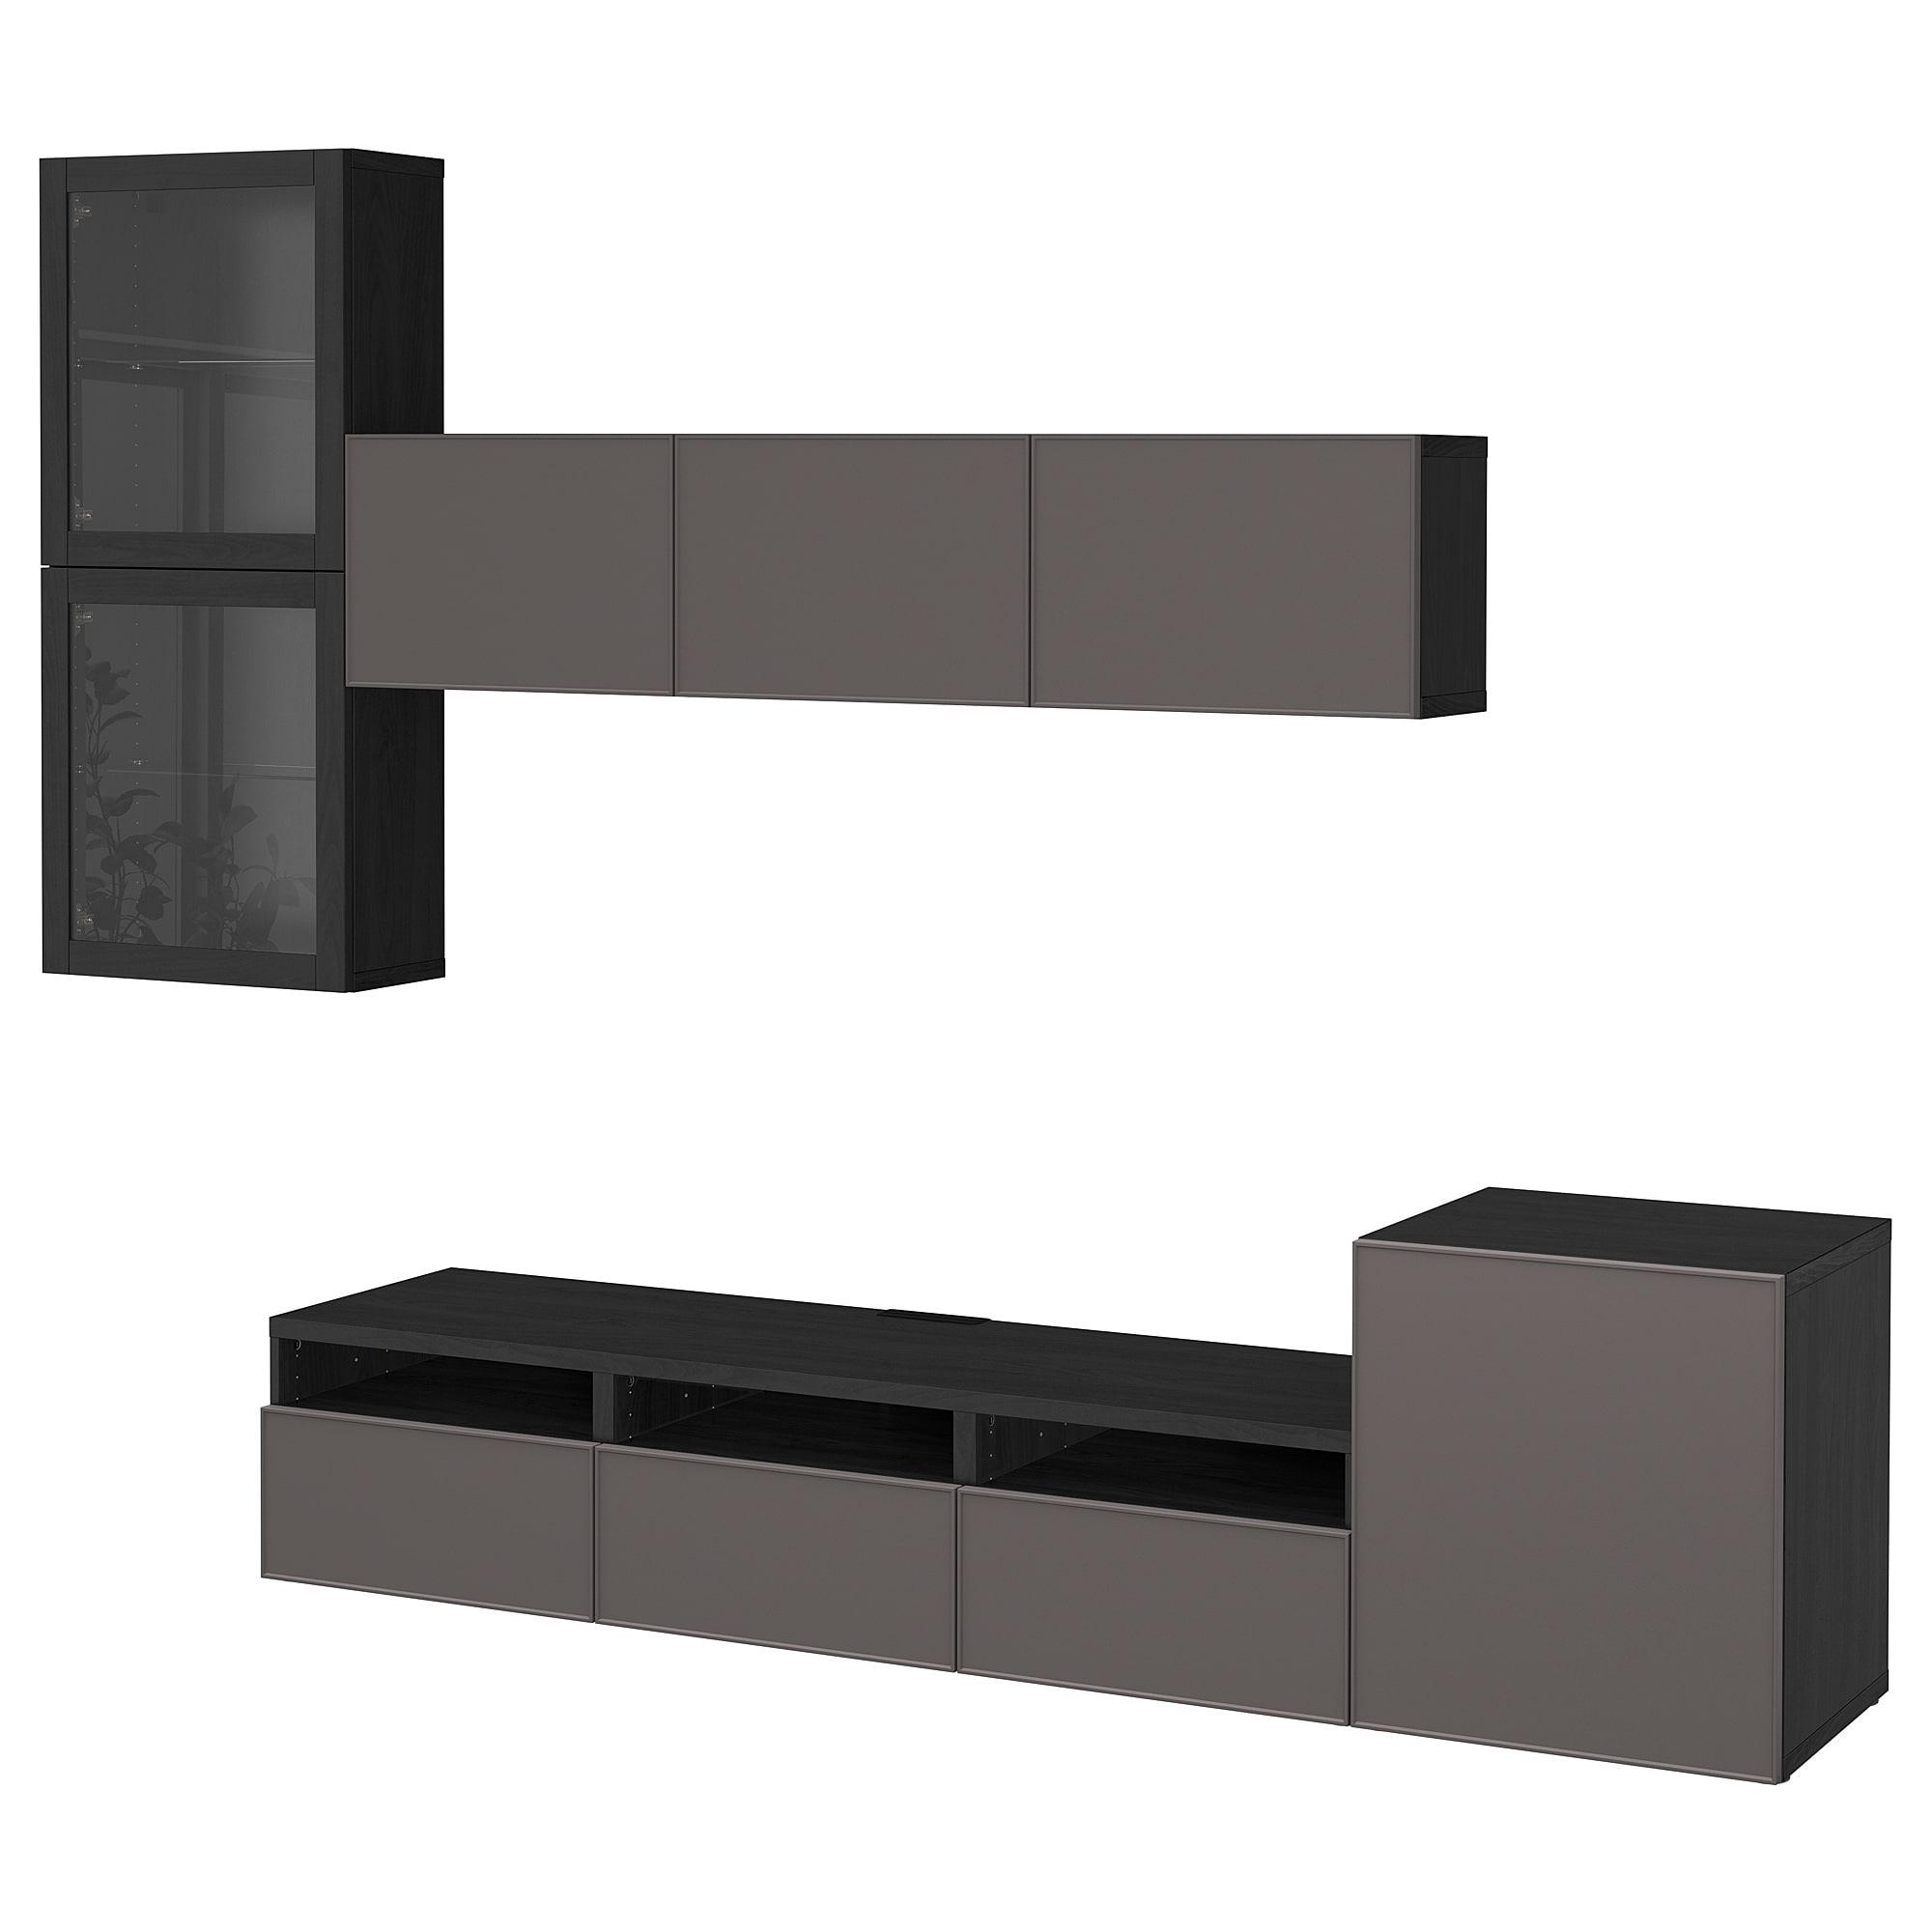 Шкаф для ТВ, комбинированный, стекляные дверцы БЕСТО артикуль № 792.522.12 в наличии. Онлайн сайт IKEA Минск. Недорогая доставка и монтаж.